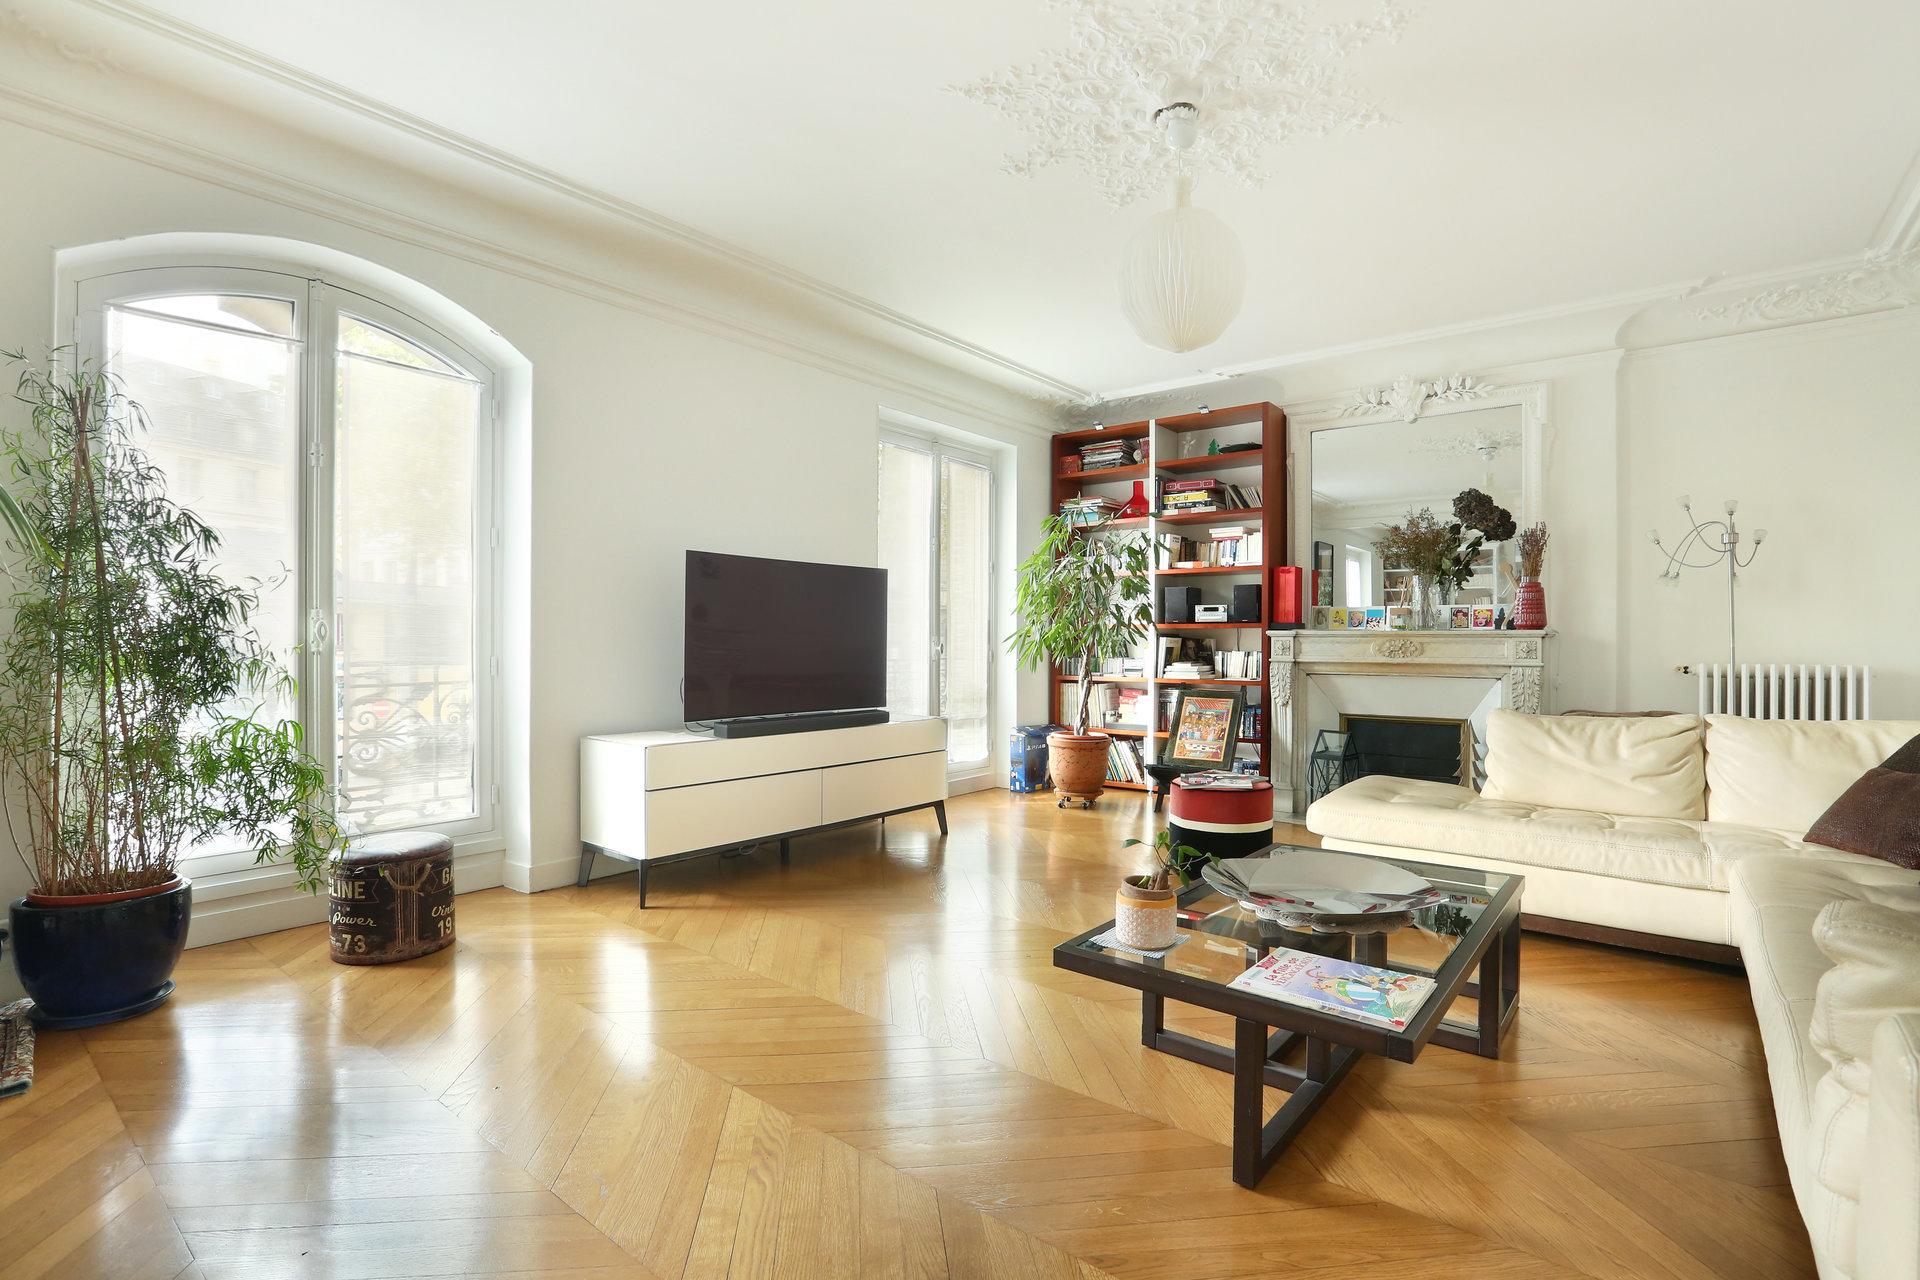 Saint-Germain/Université 5 pièces 141,46 m2